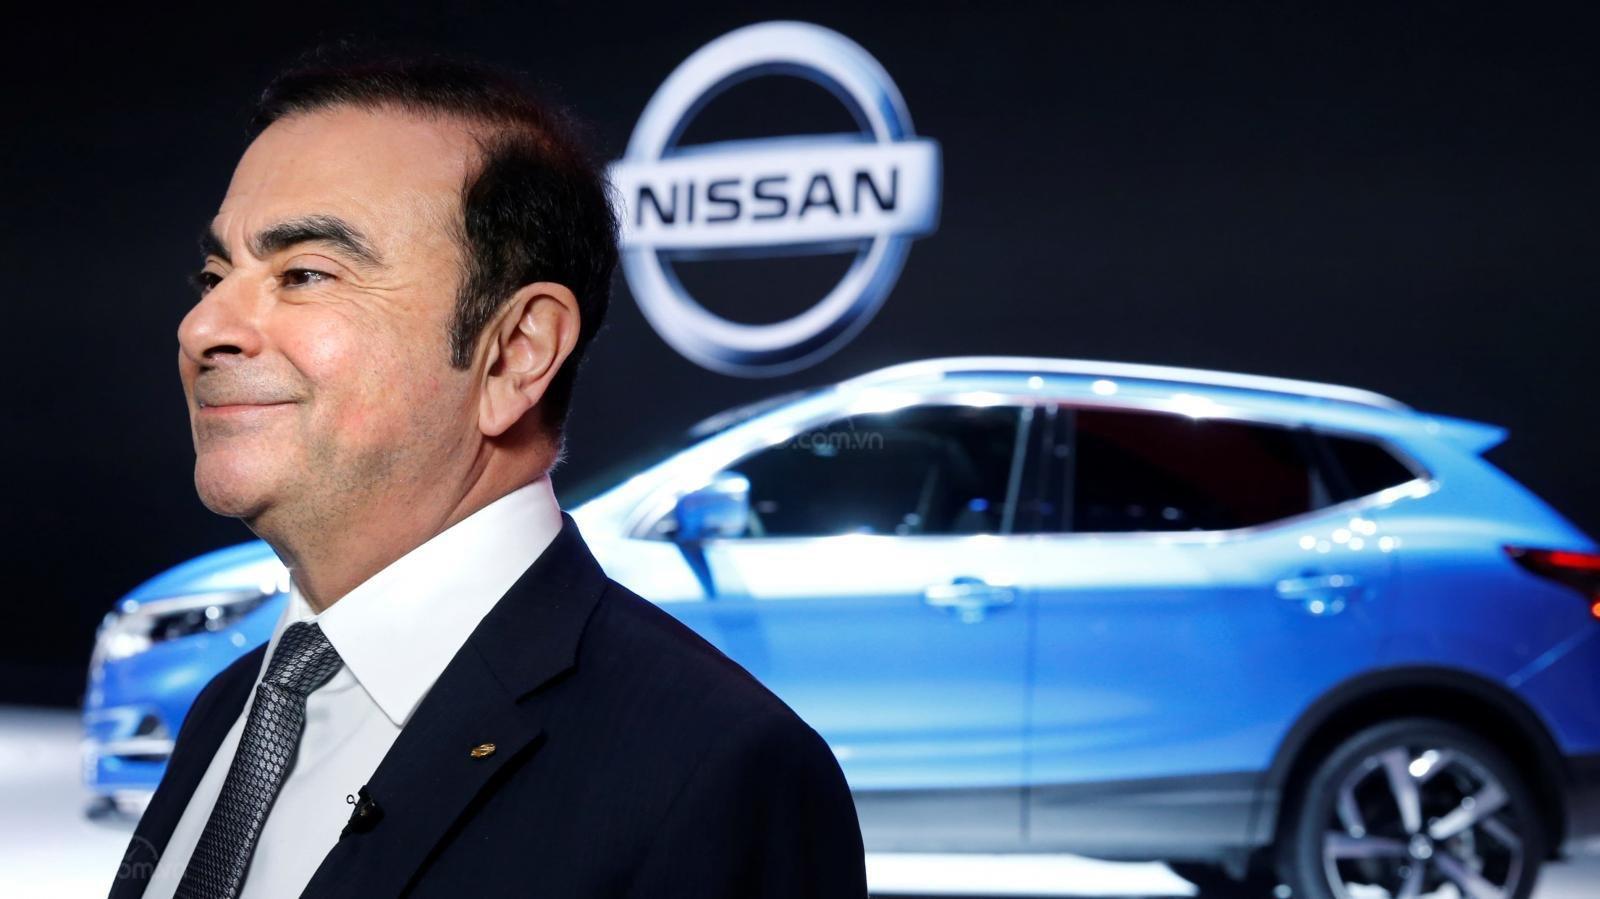 Lịch sử huy hoàng của Nissan - Gặp bất trắc